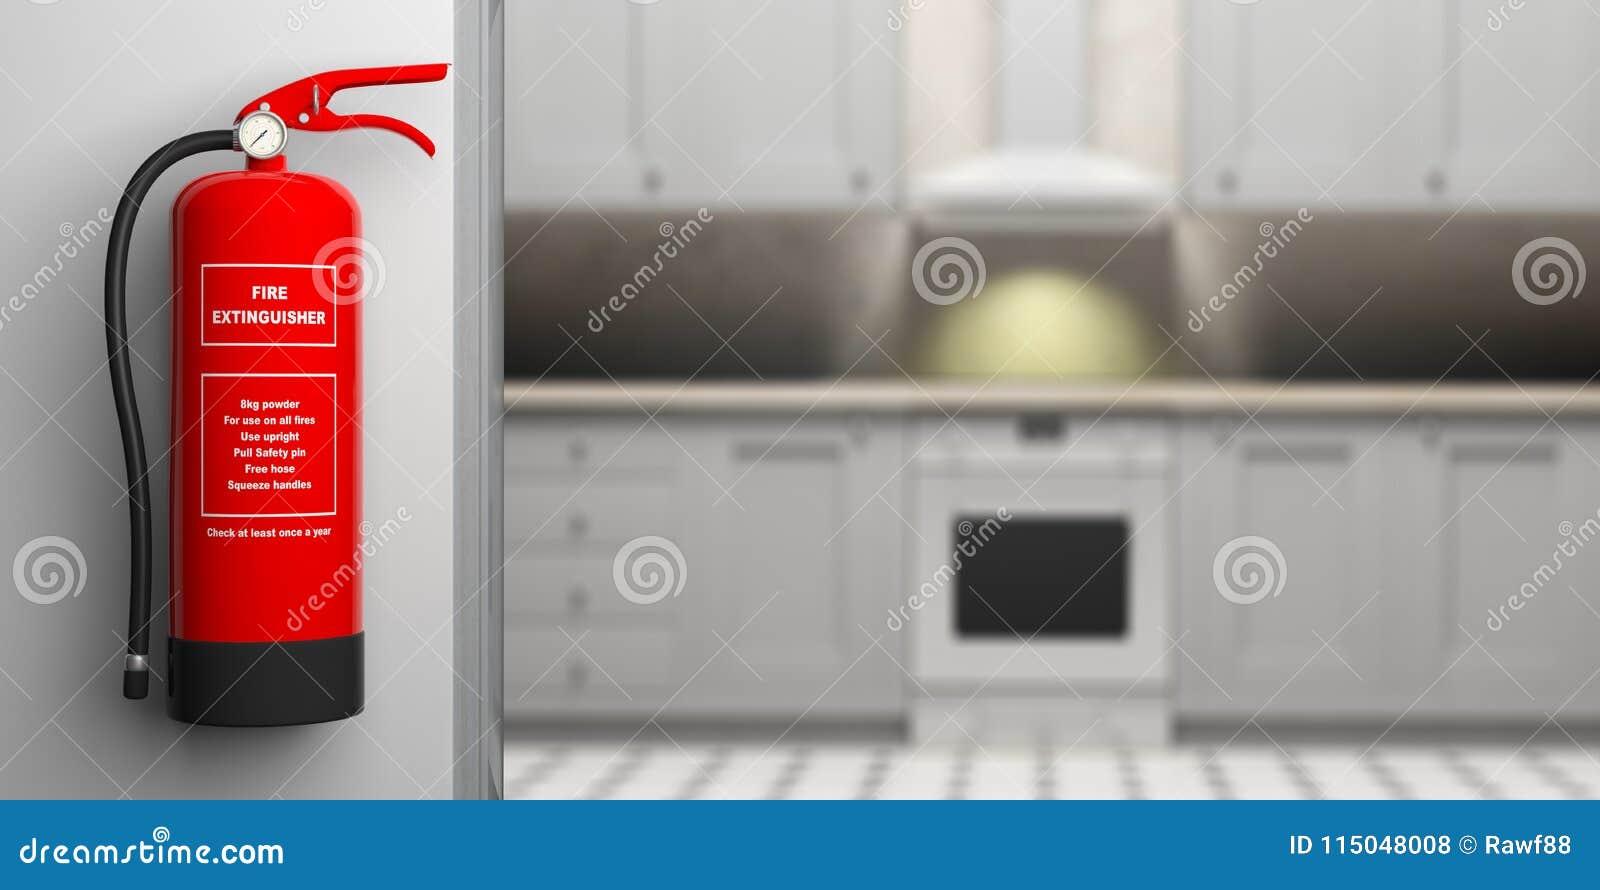 extinguisher k class index fire extinguishers kitchen